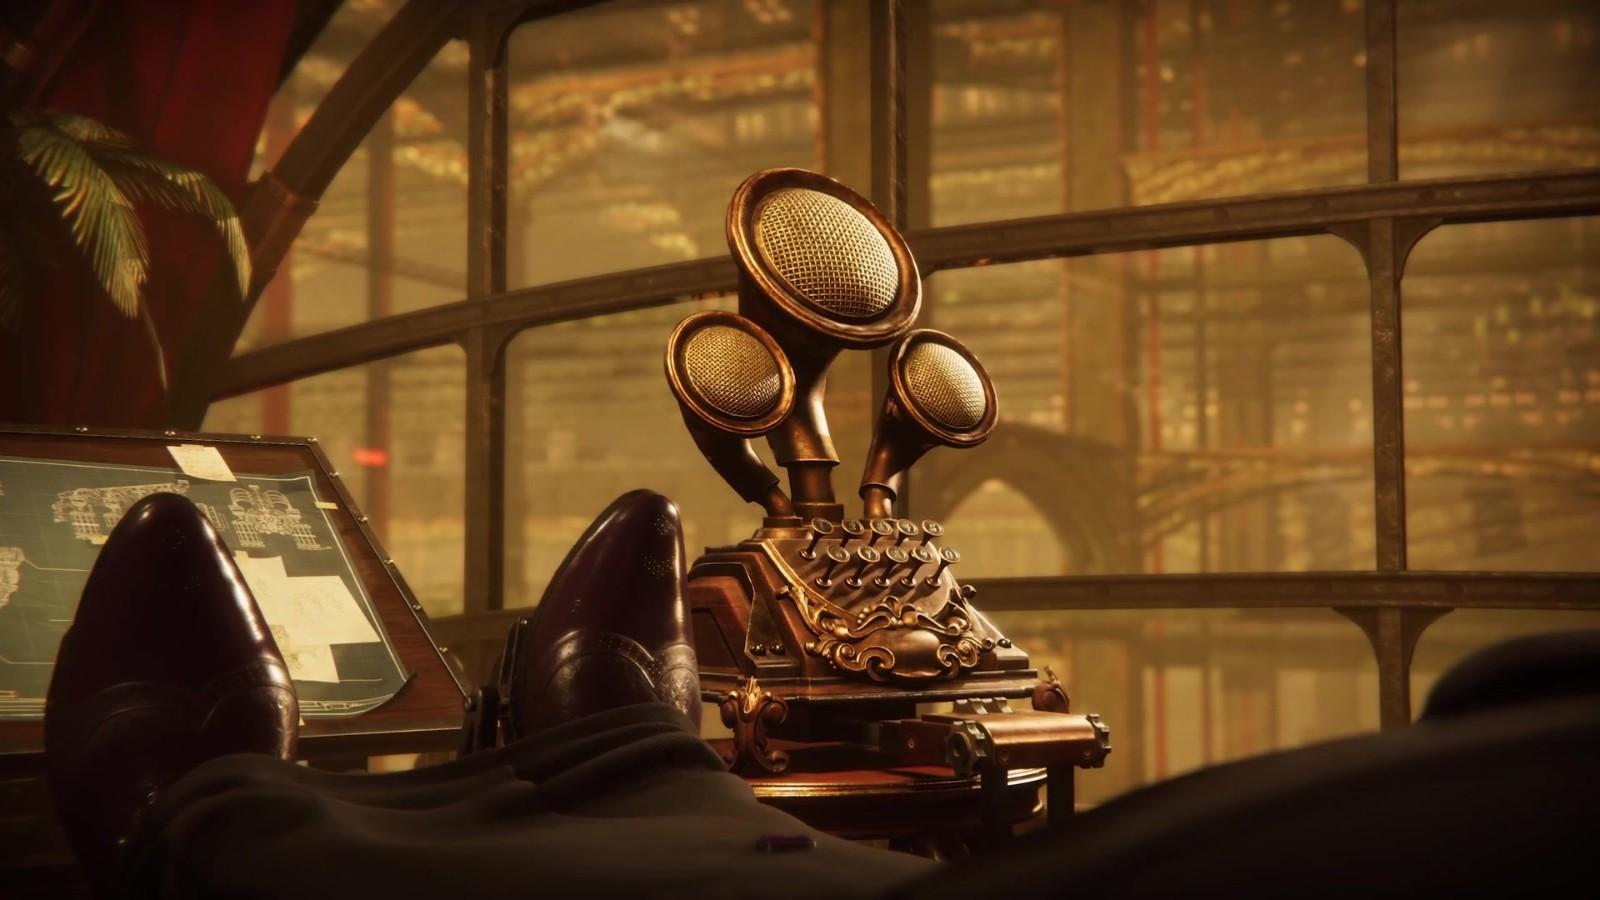 《奇异世界:灵魂风暴》上市预告片公布